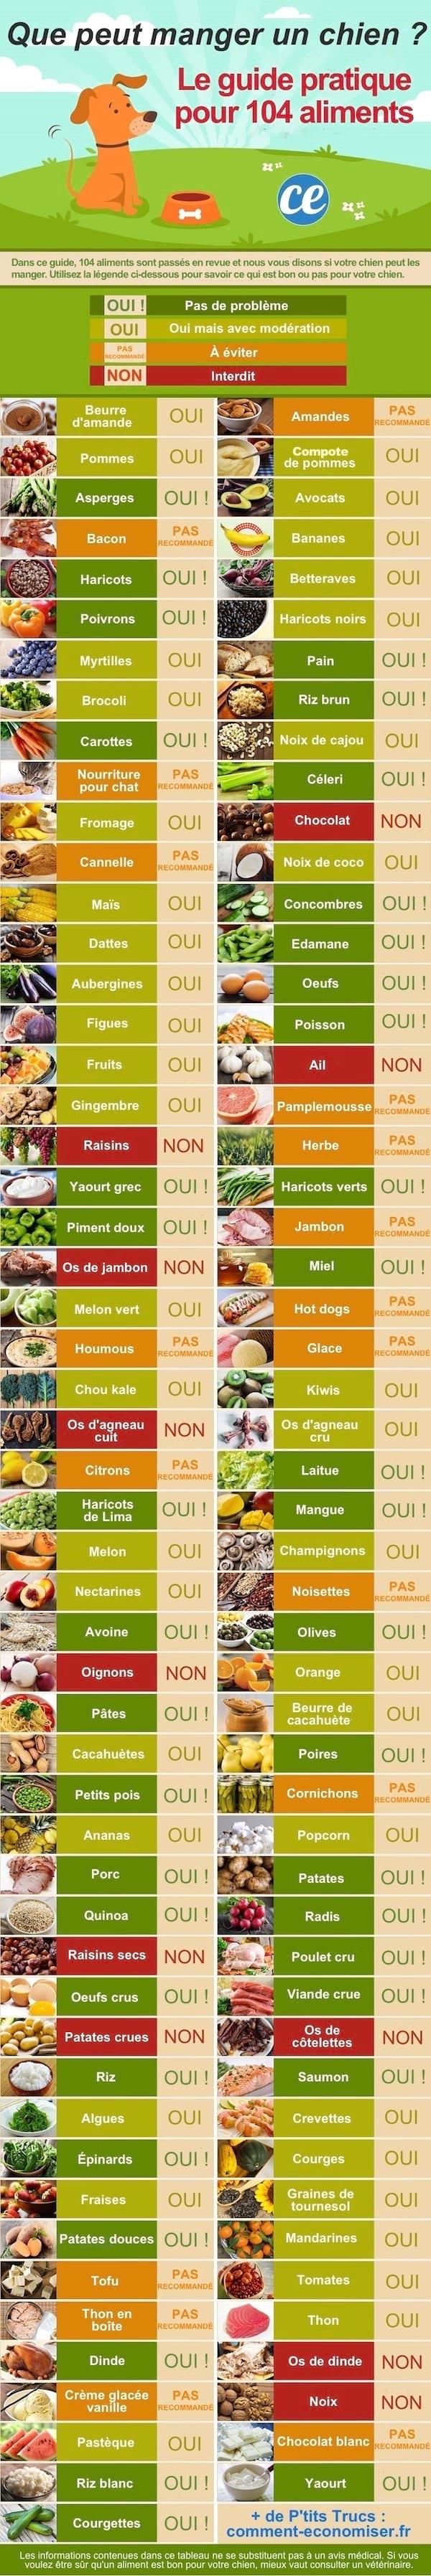 le guide complet pour savoir ce que peut manger un chien pour être en bonne santé